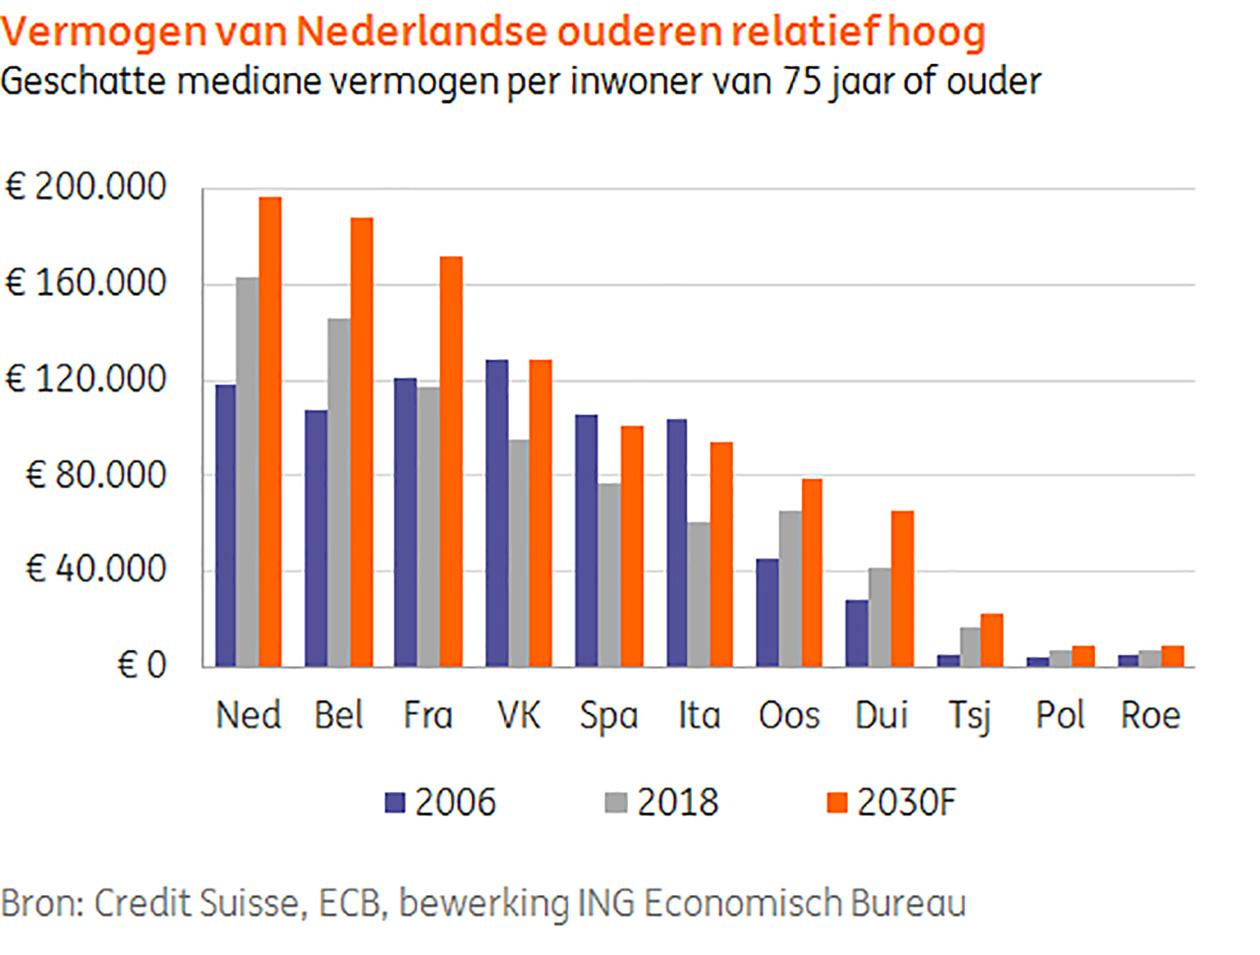 Vermogen van Nederlandse ouderen relatief laag